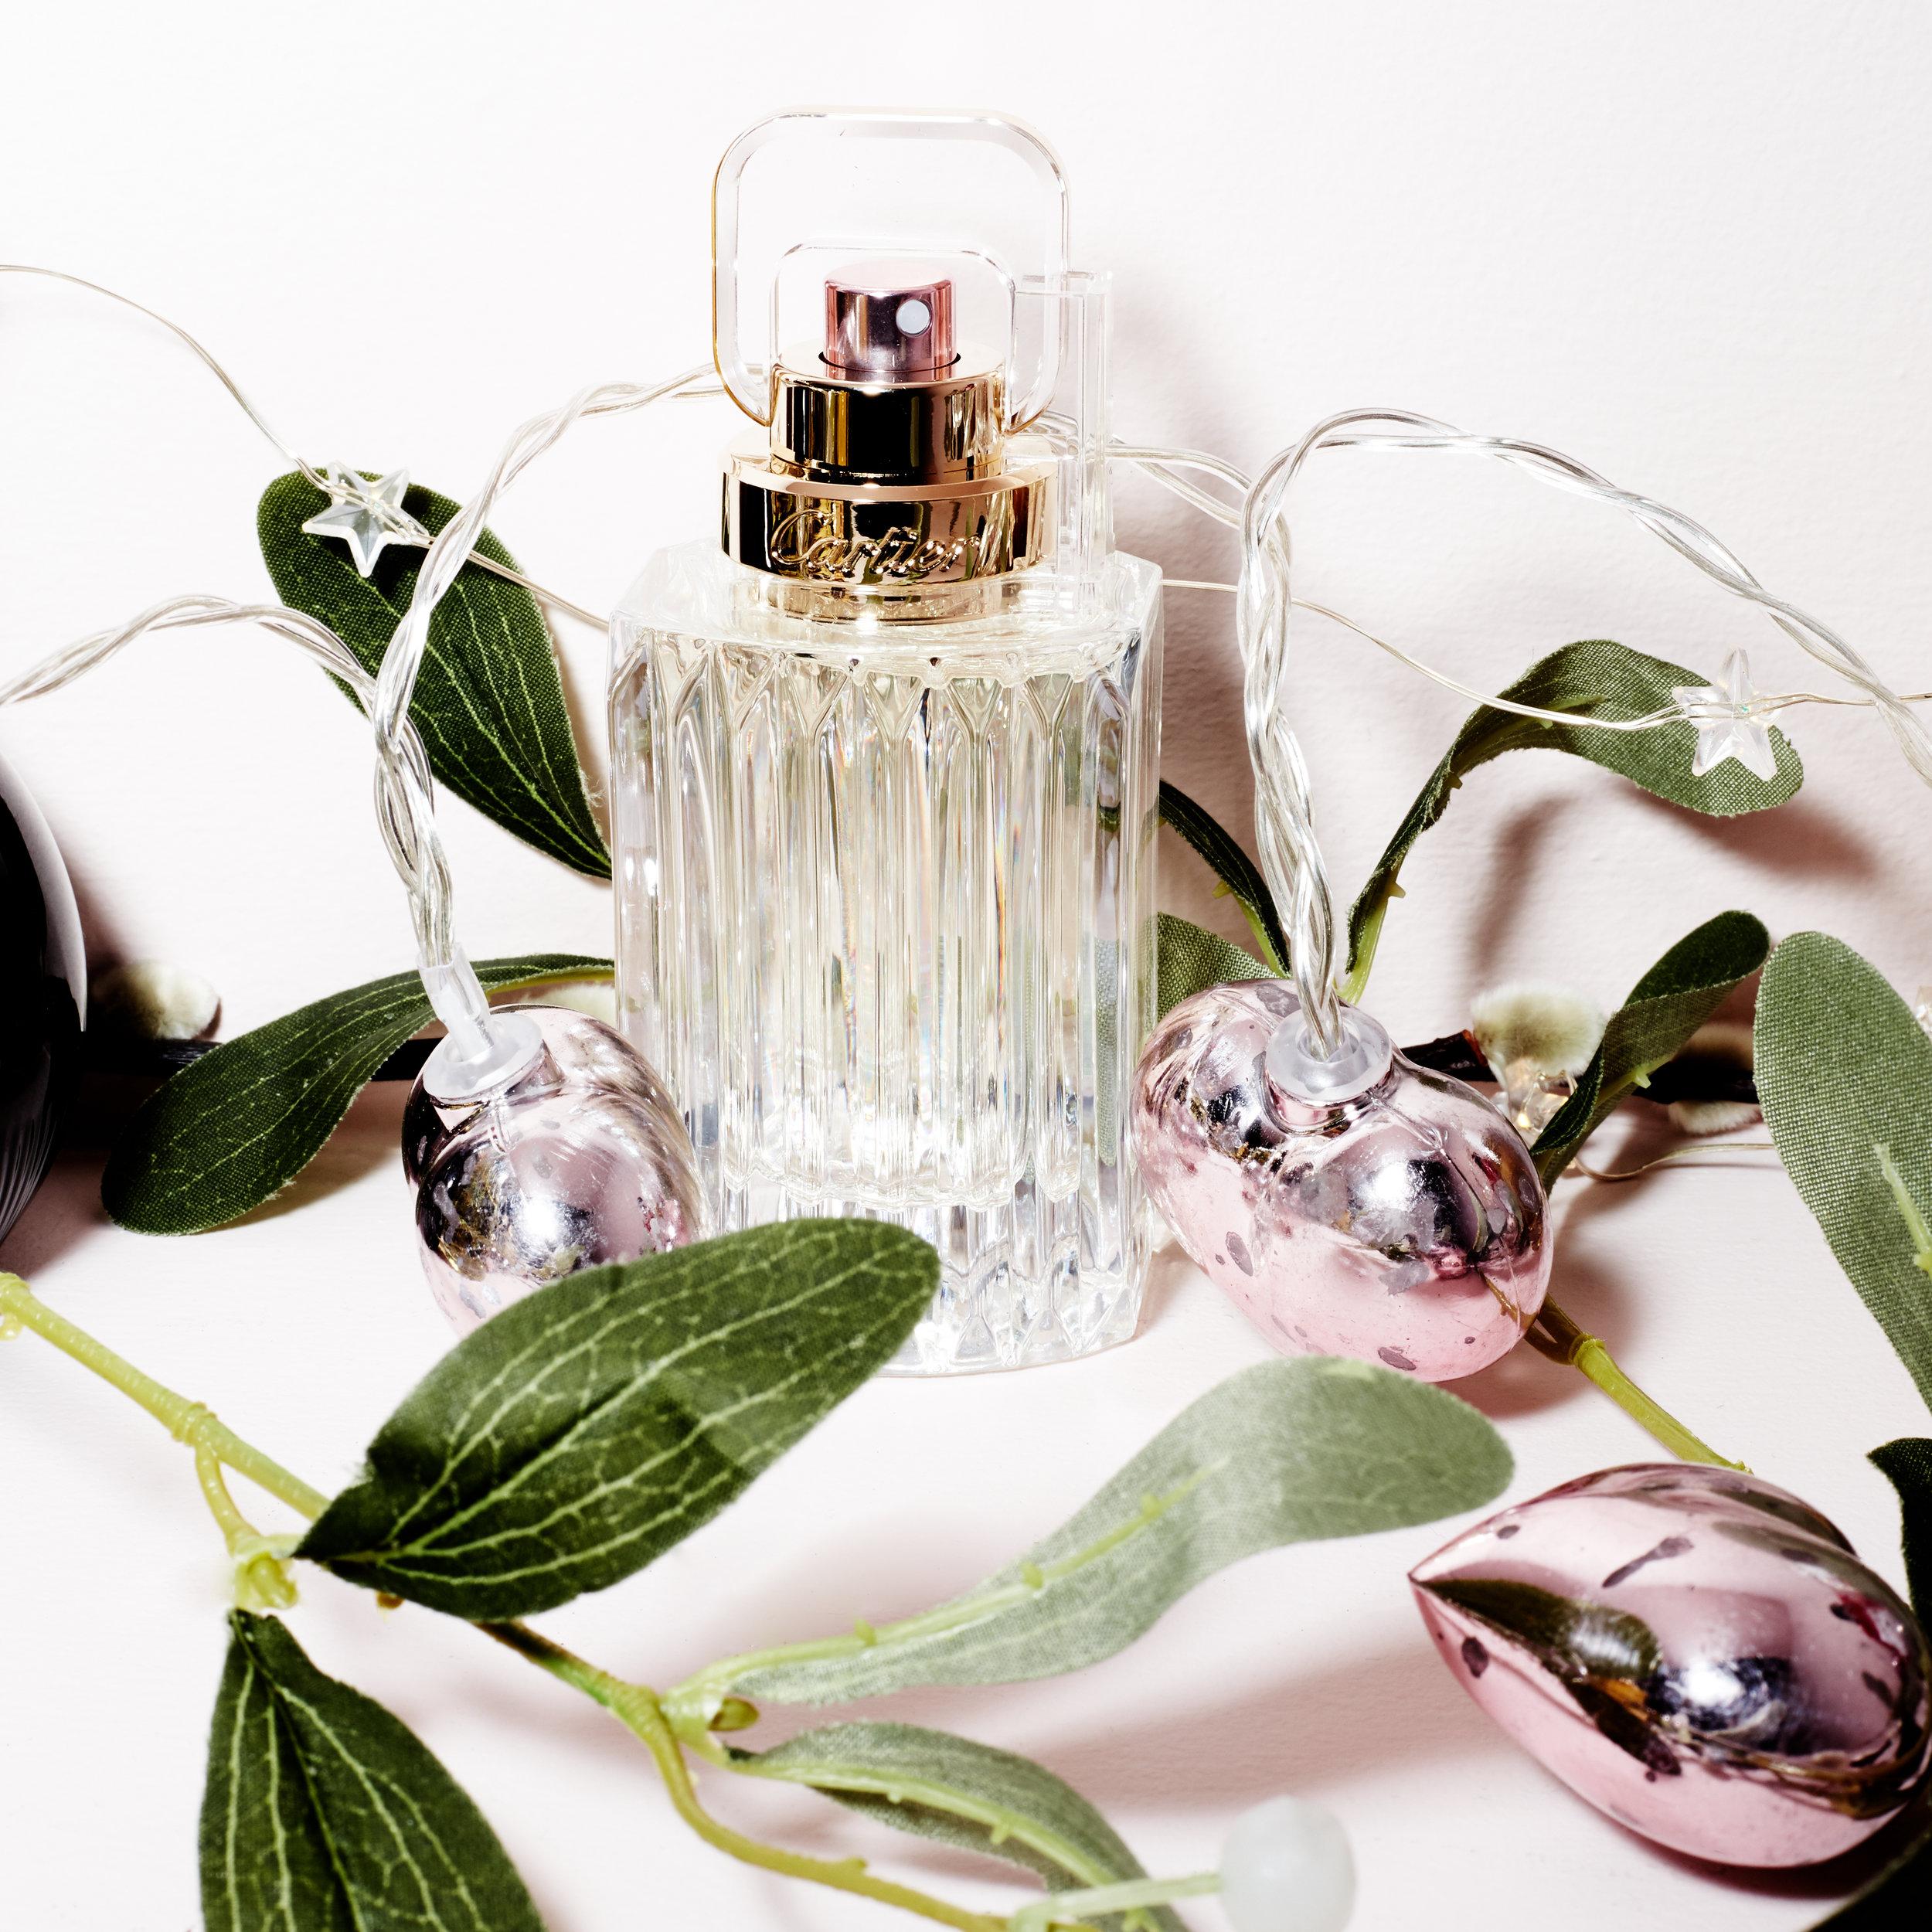 AsiaWerbel_perfumefinals 4.jpg